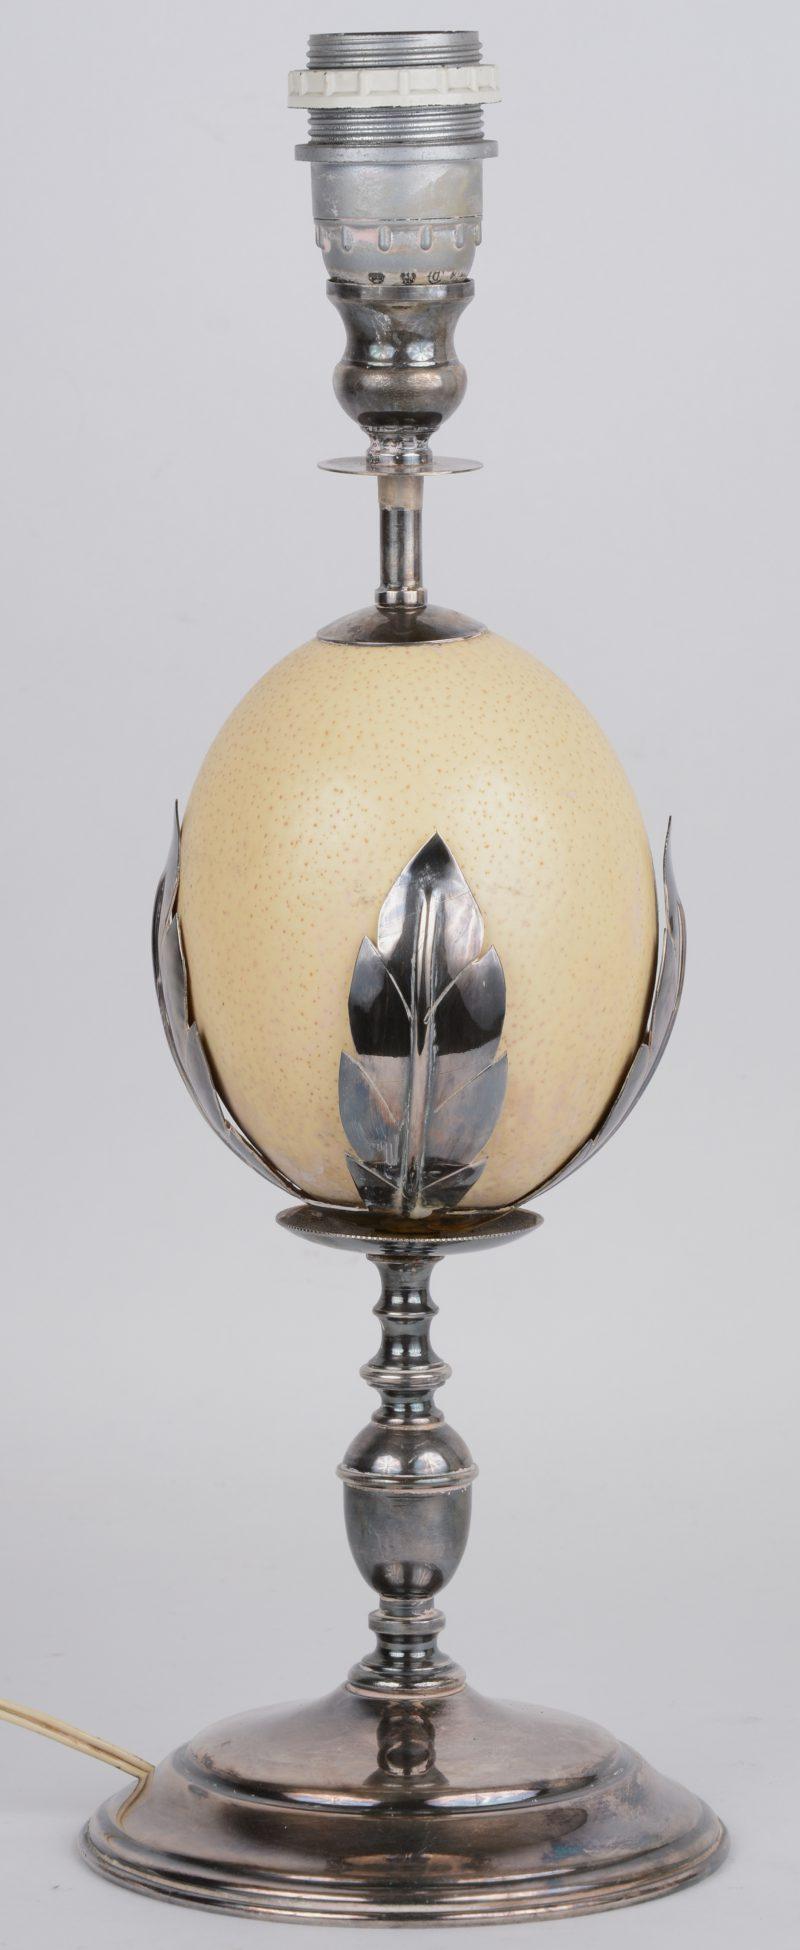 Lampenvoet op basis van een struisvogelei met verzilverd metalen montuur. Met kap.